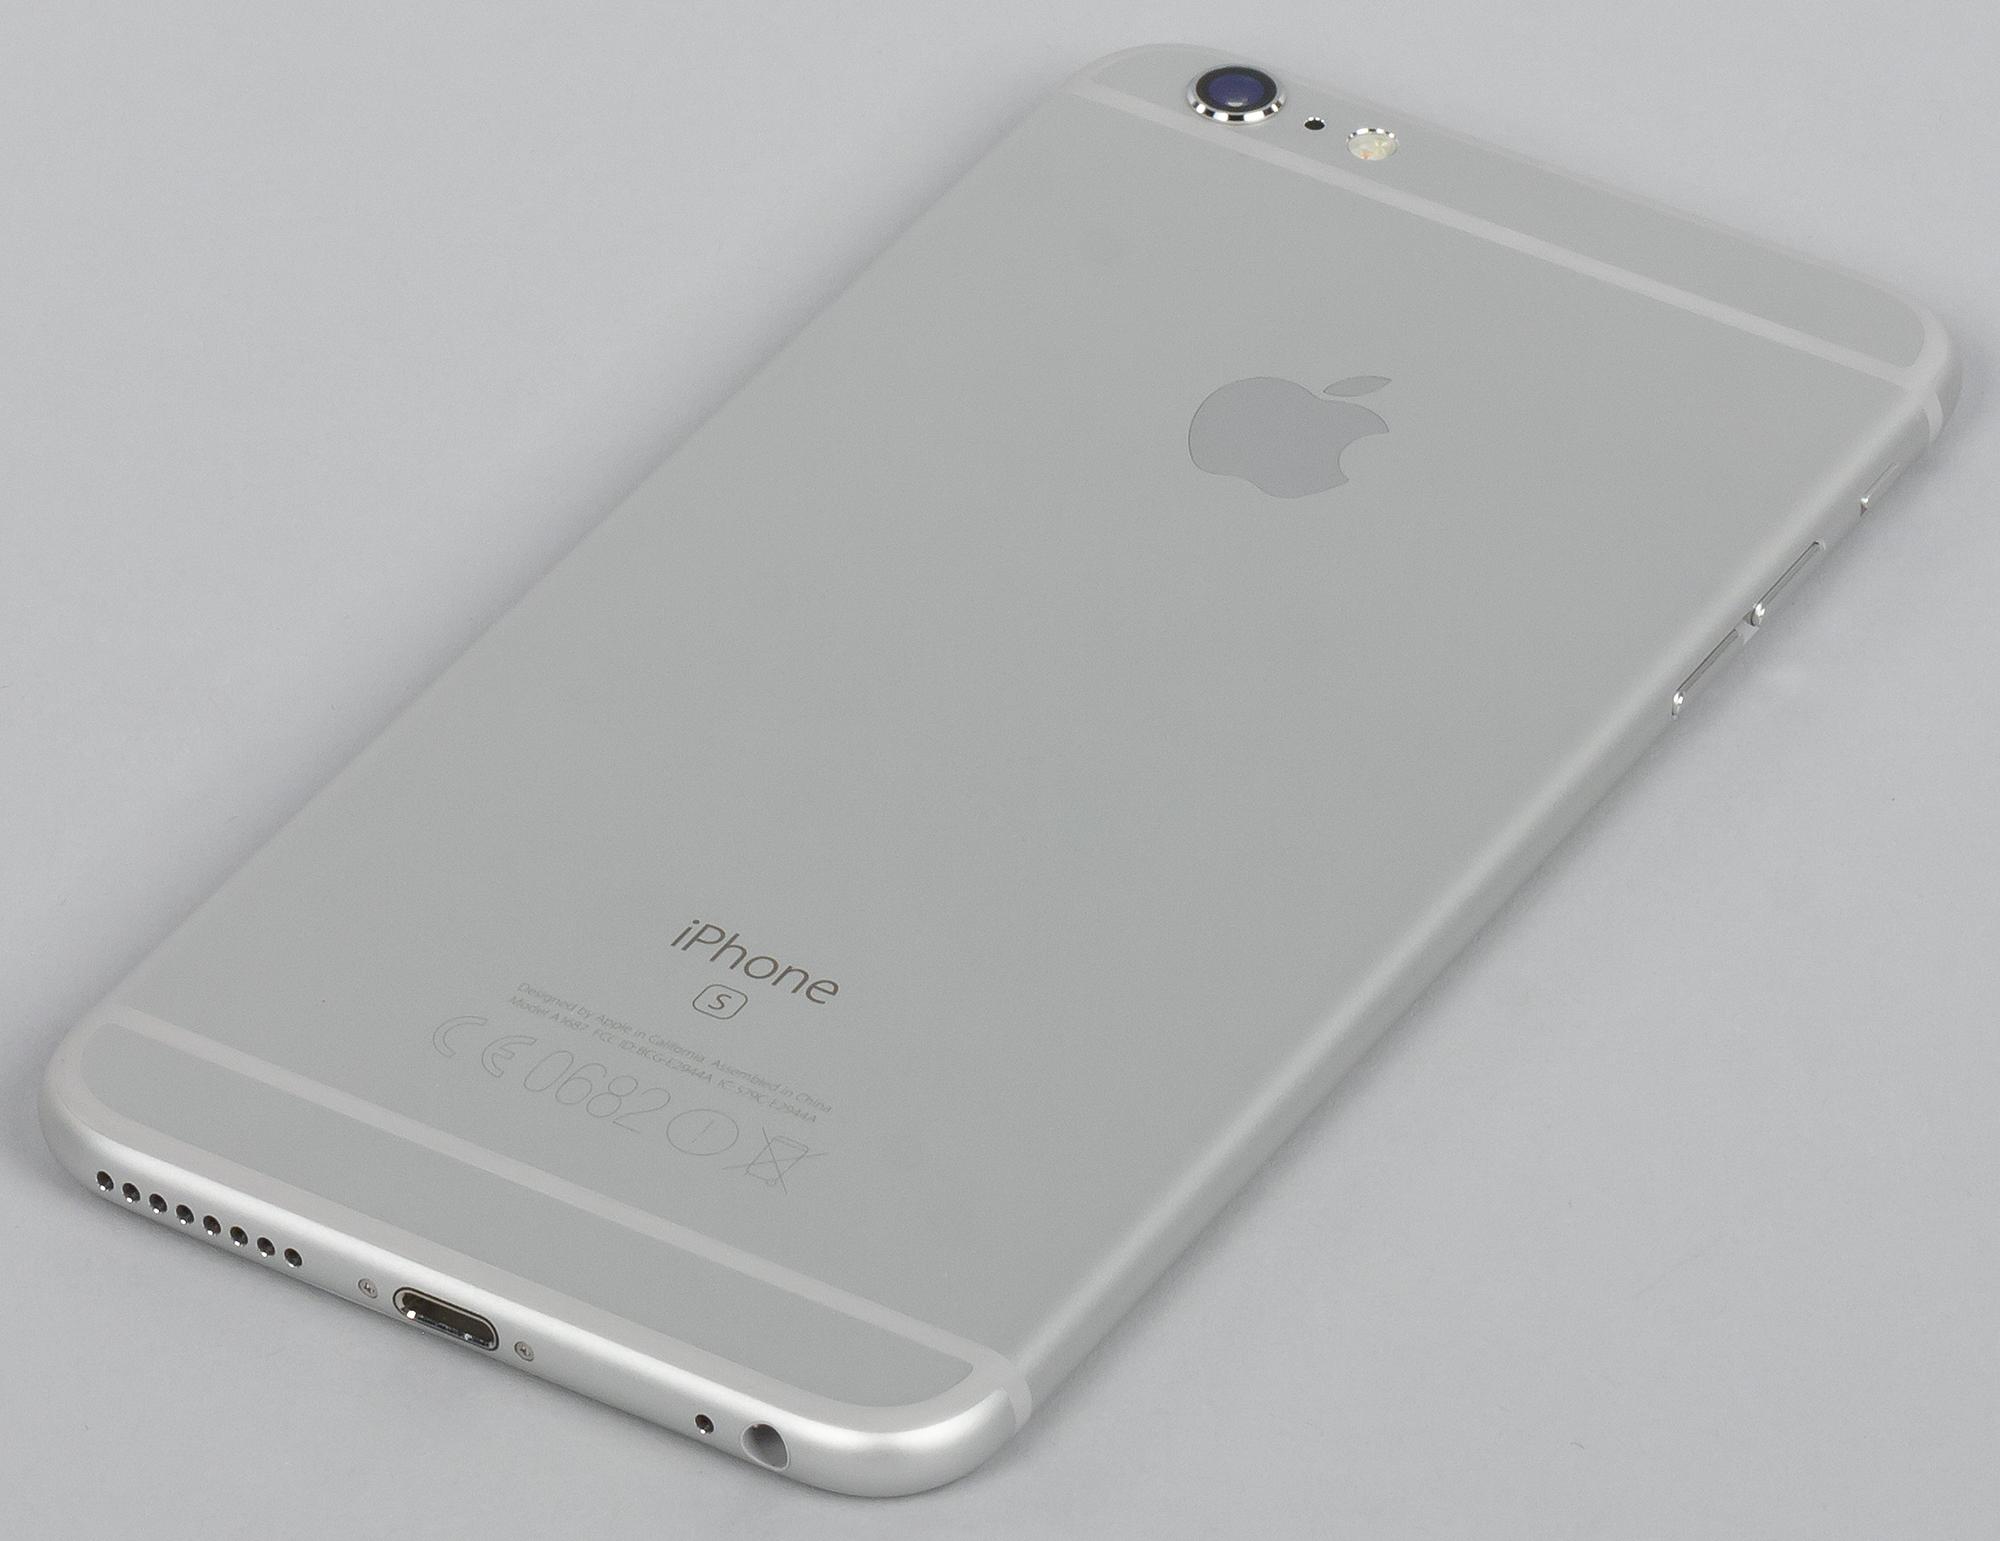 Айфон 6s цвета корпуса фото оригинал